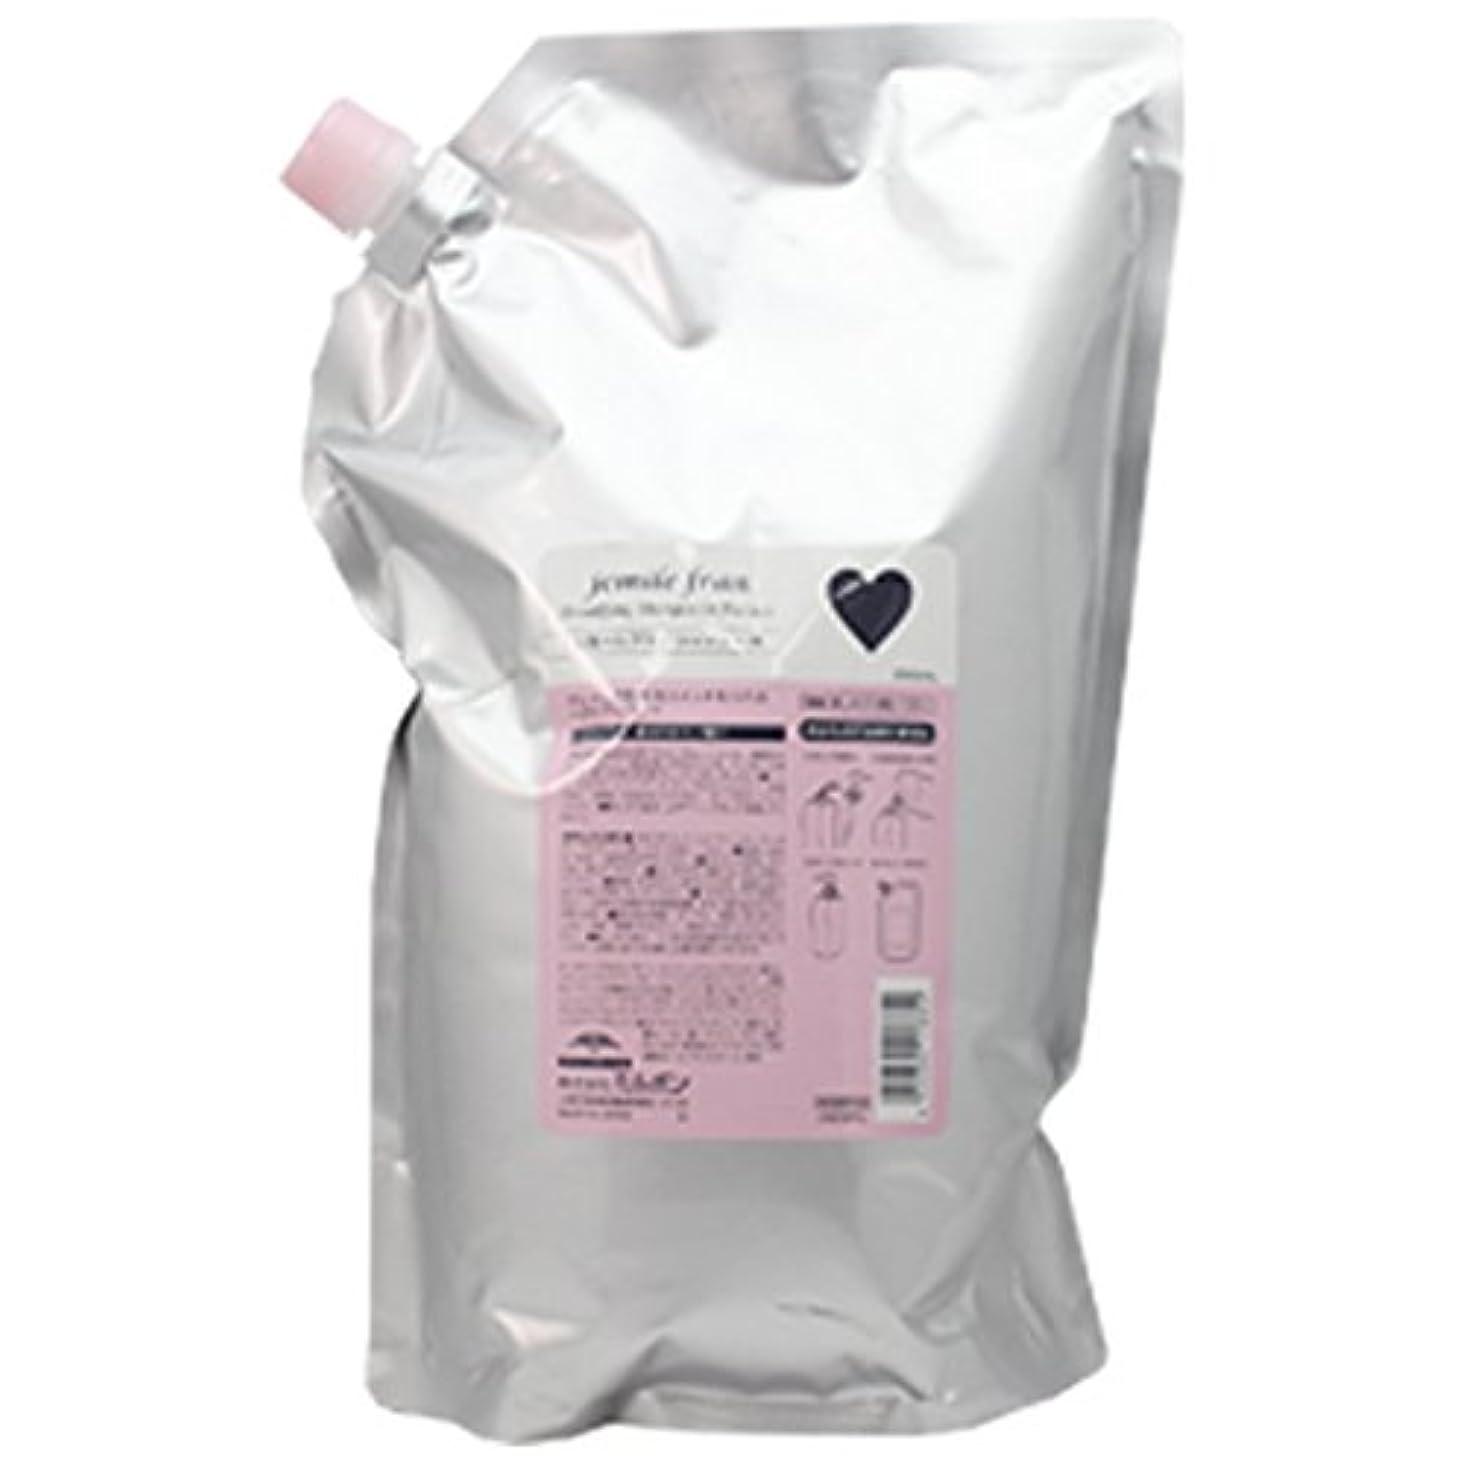 ハッチ悪性腫瘍メモミルボン ジェミールフラン シャンプーH 2500ml(レフィル)